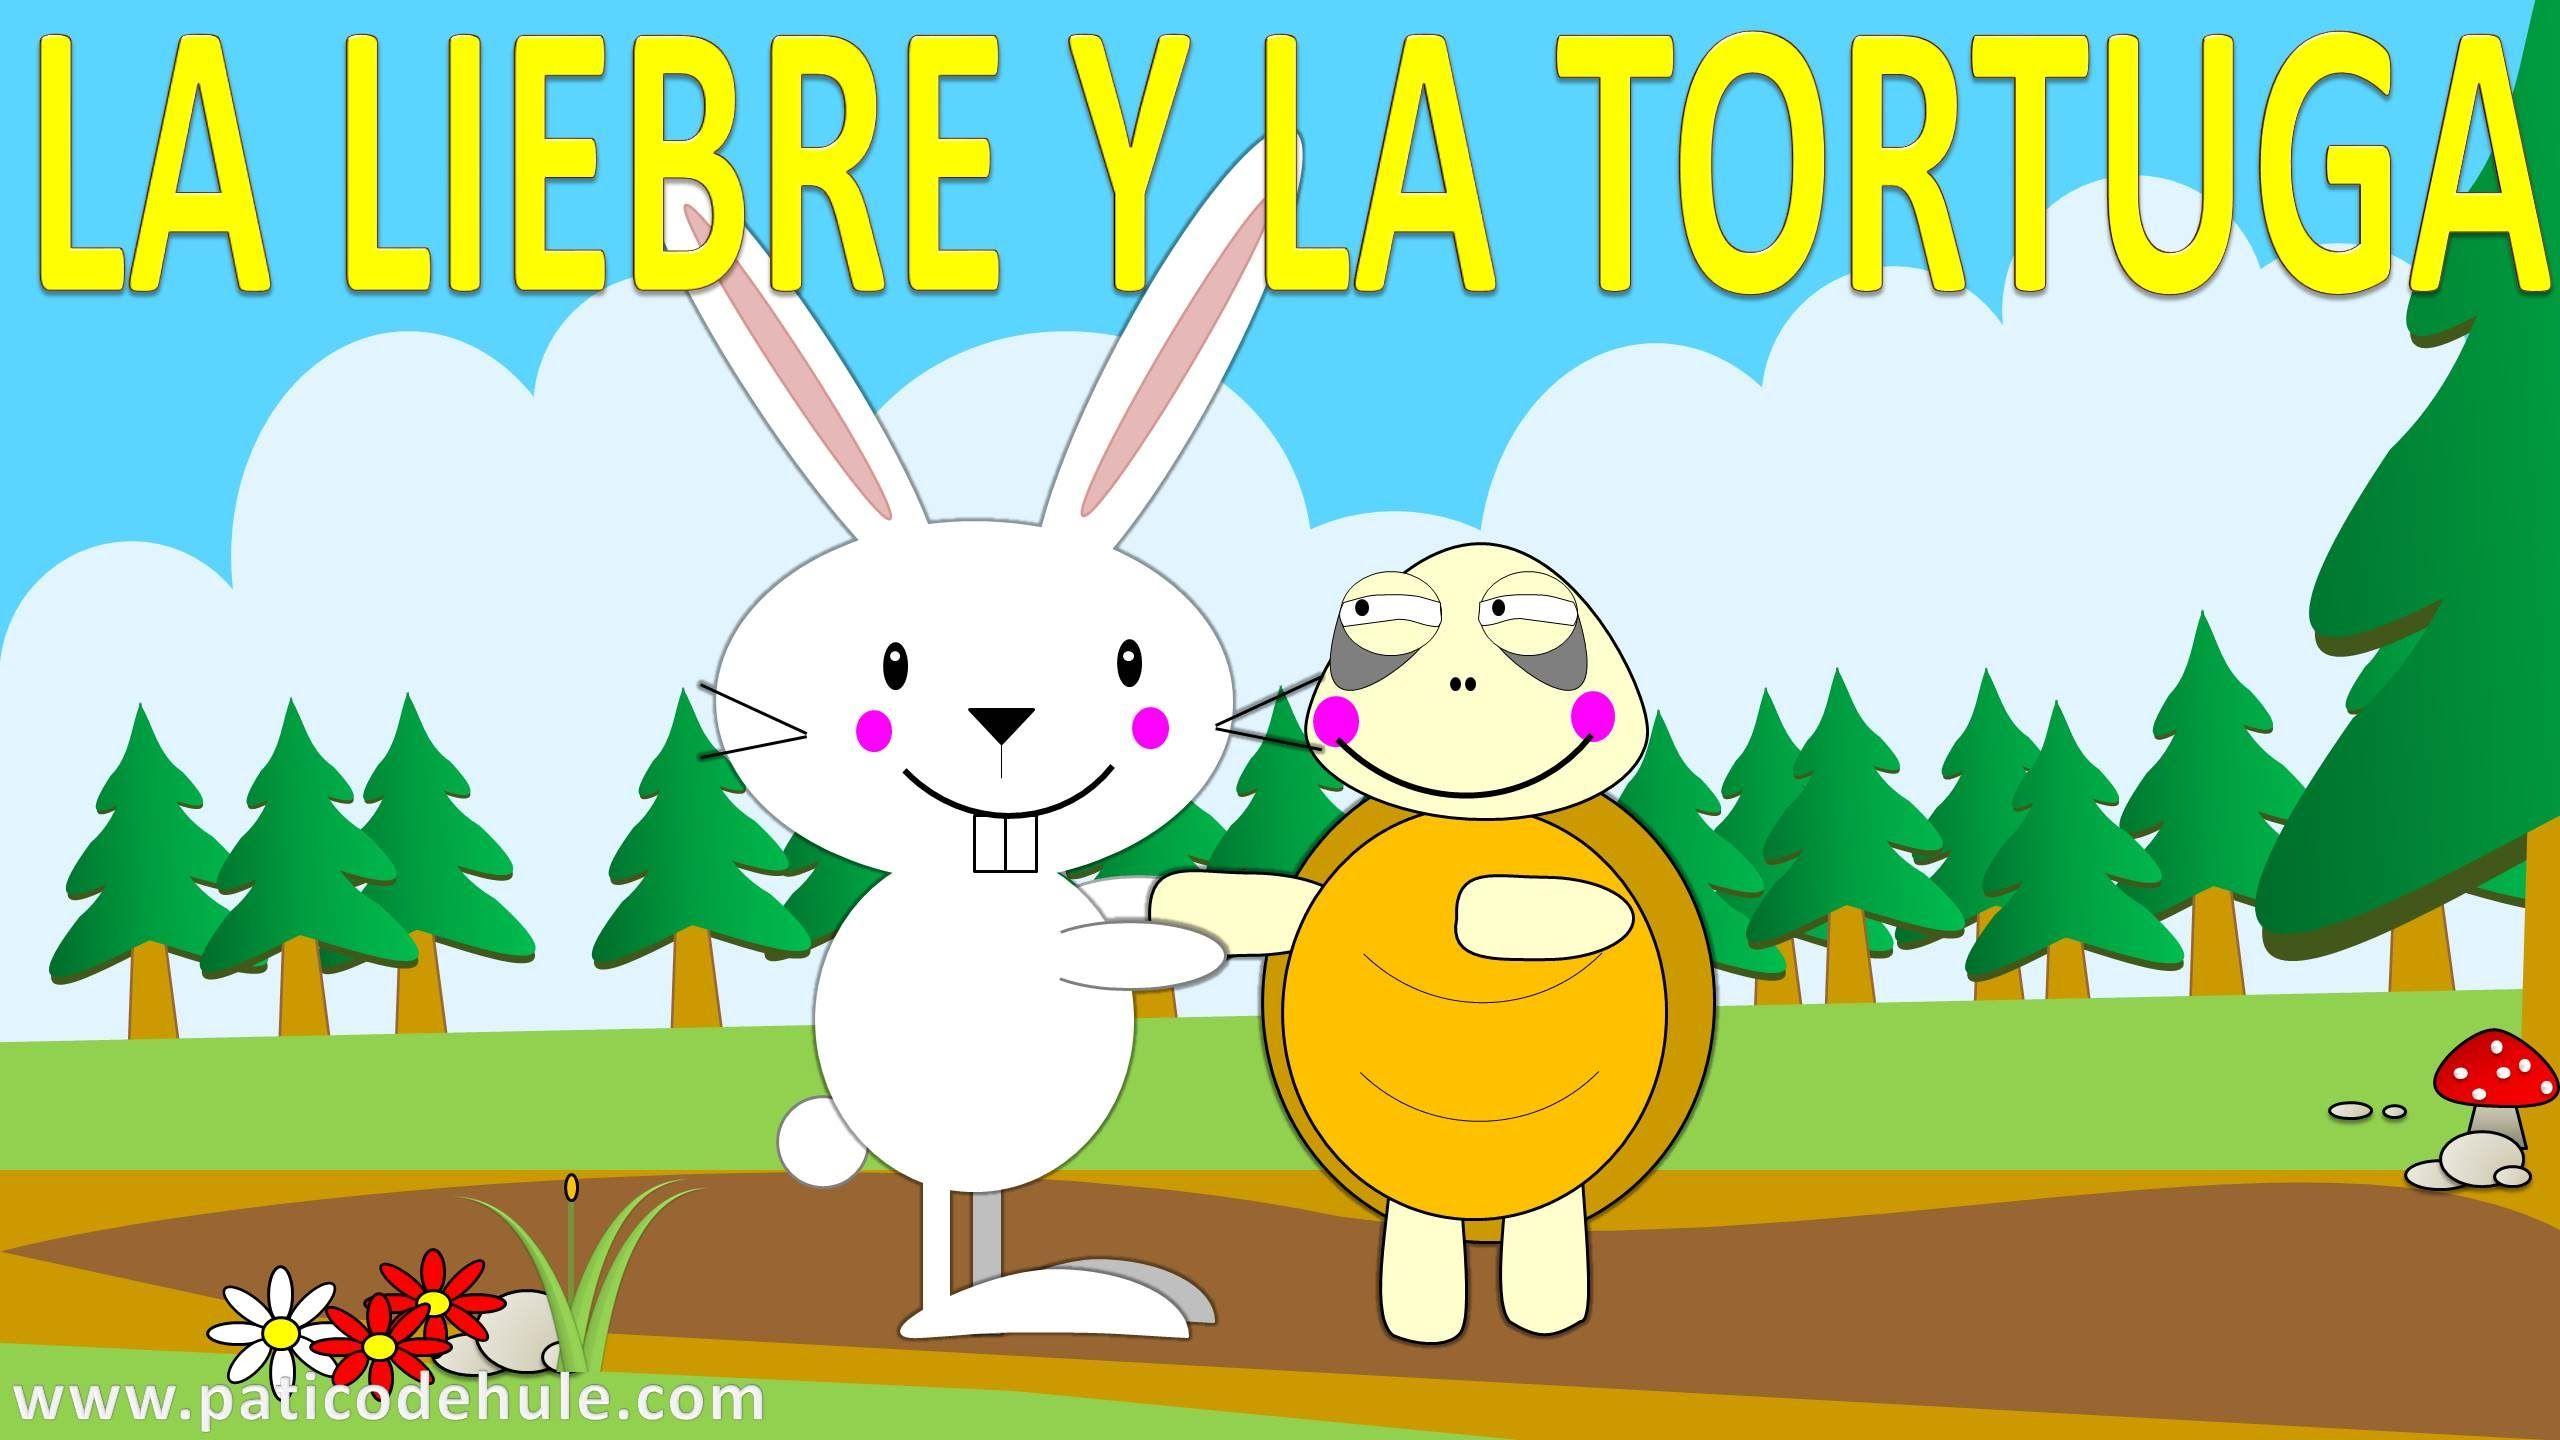 La liebre y la tortuga - fabulas para niños - cuento para niños ...